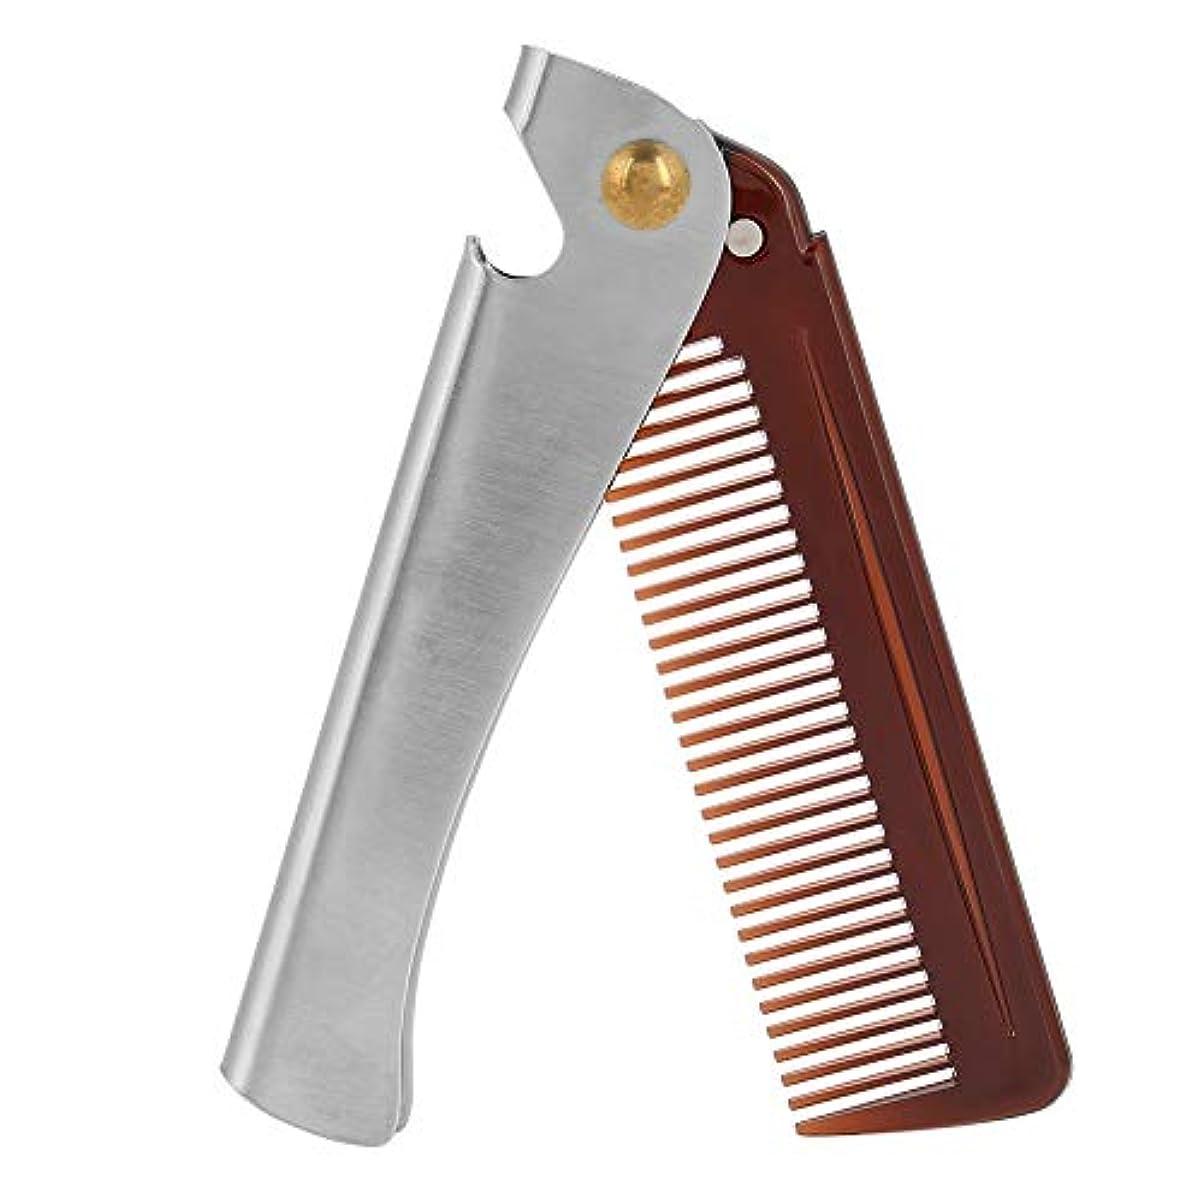 技術者クラフト変数ステンレス製のひげの櫛の携帯用ステンレス製のひげの櫛の携帯用折りたたみ口ひげ用具の栓抜き